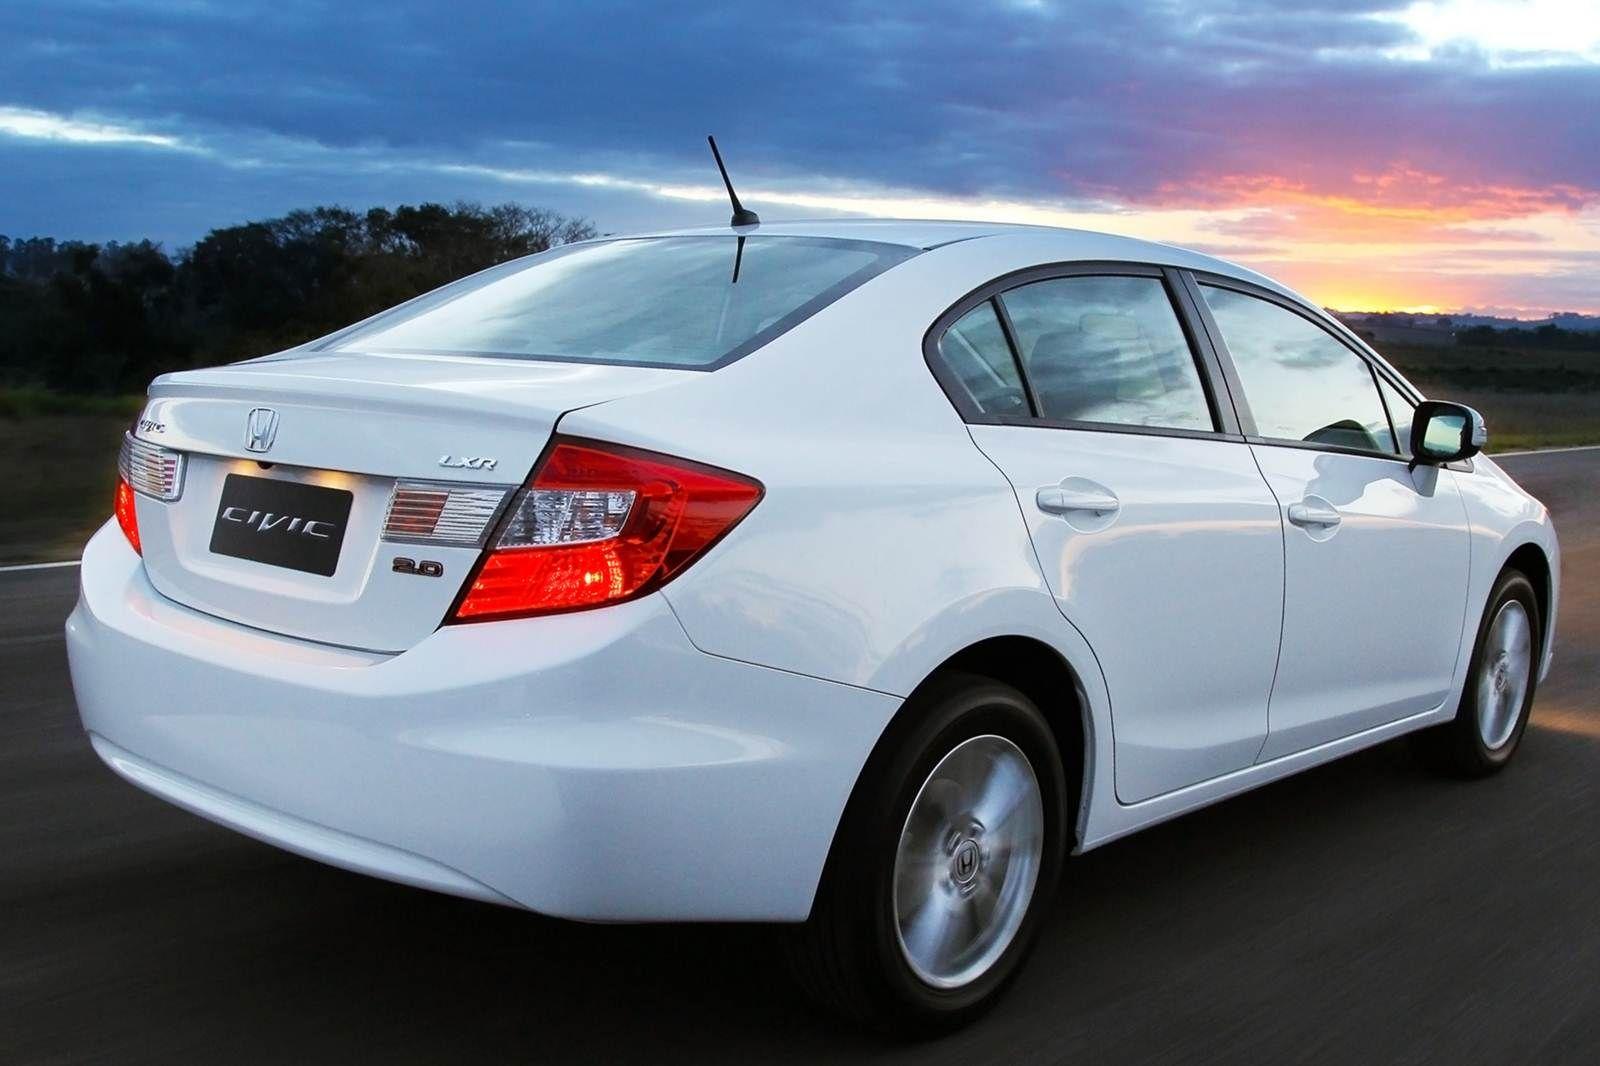 50 Download Gambar Mobil Honda Civic | Ragam Modifikasi